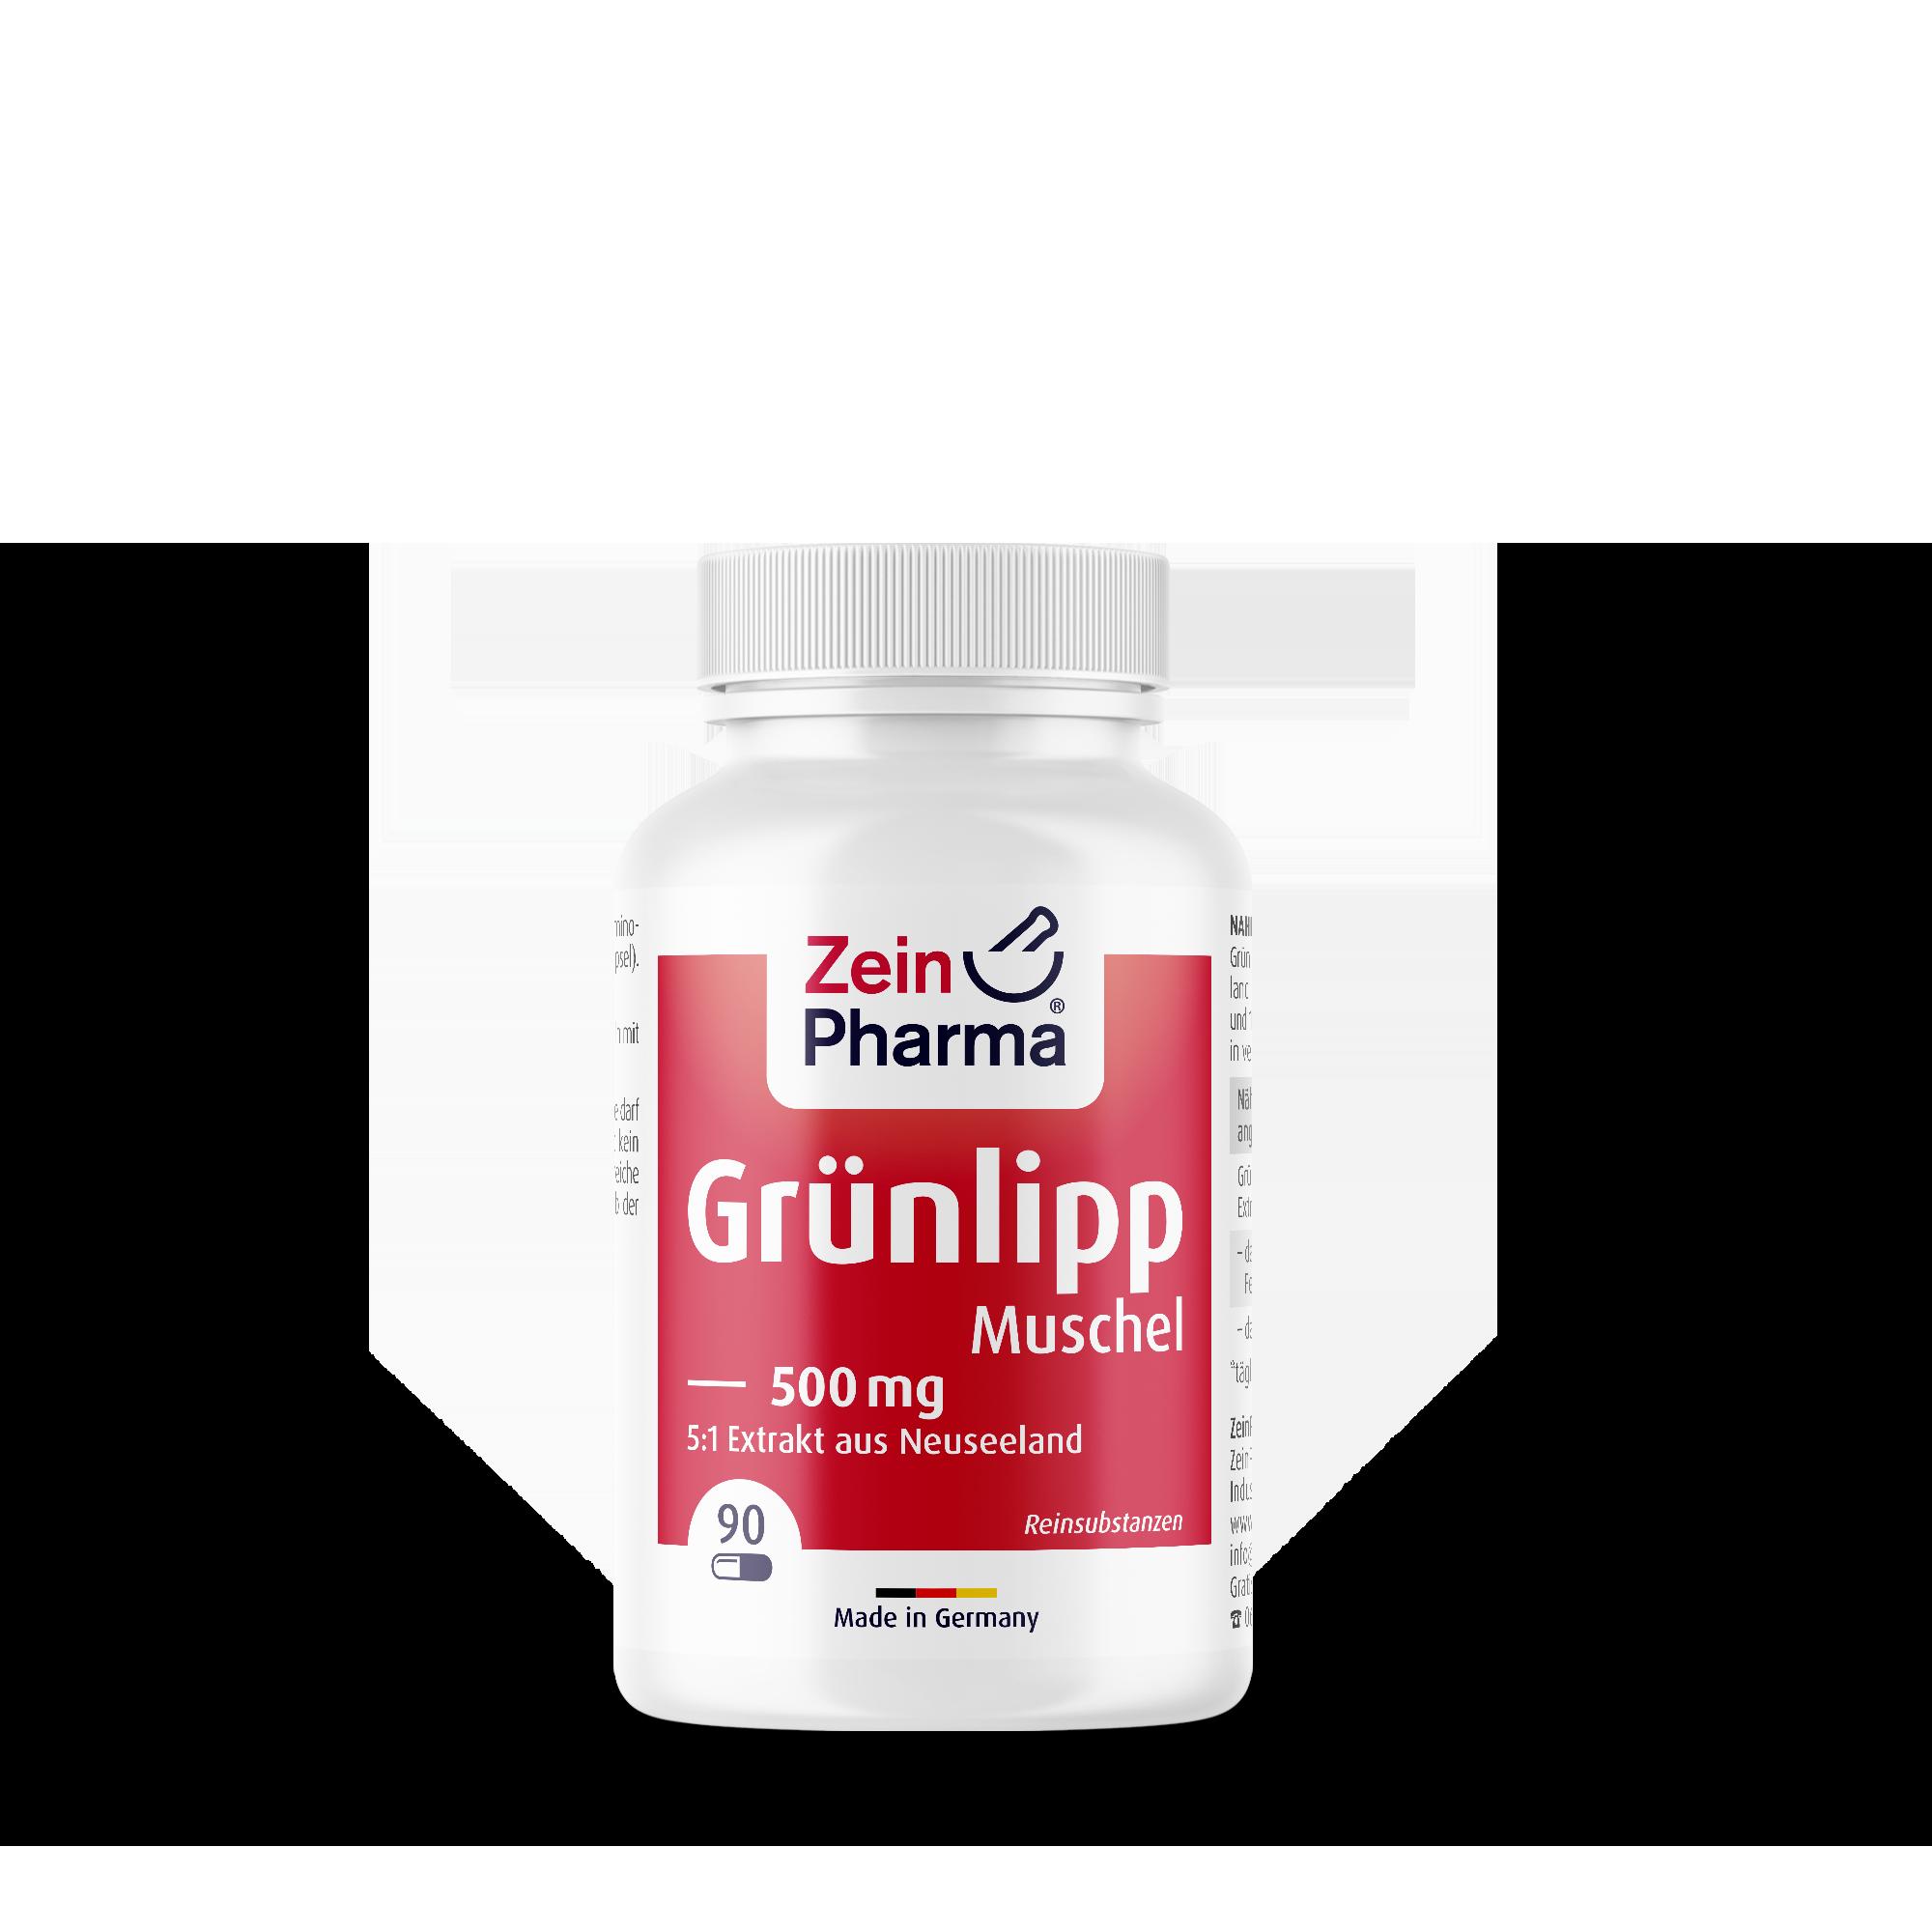 Grünlippmuschel 500 mg